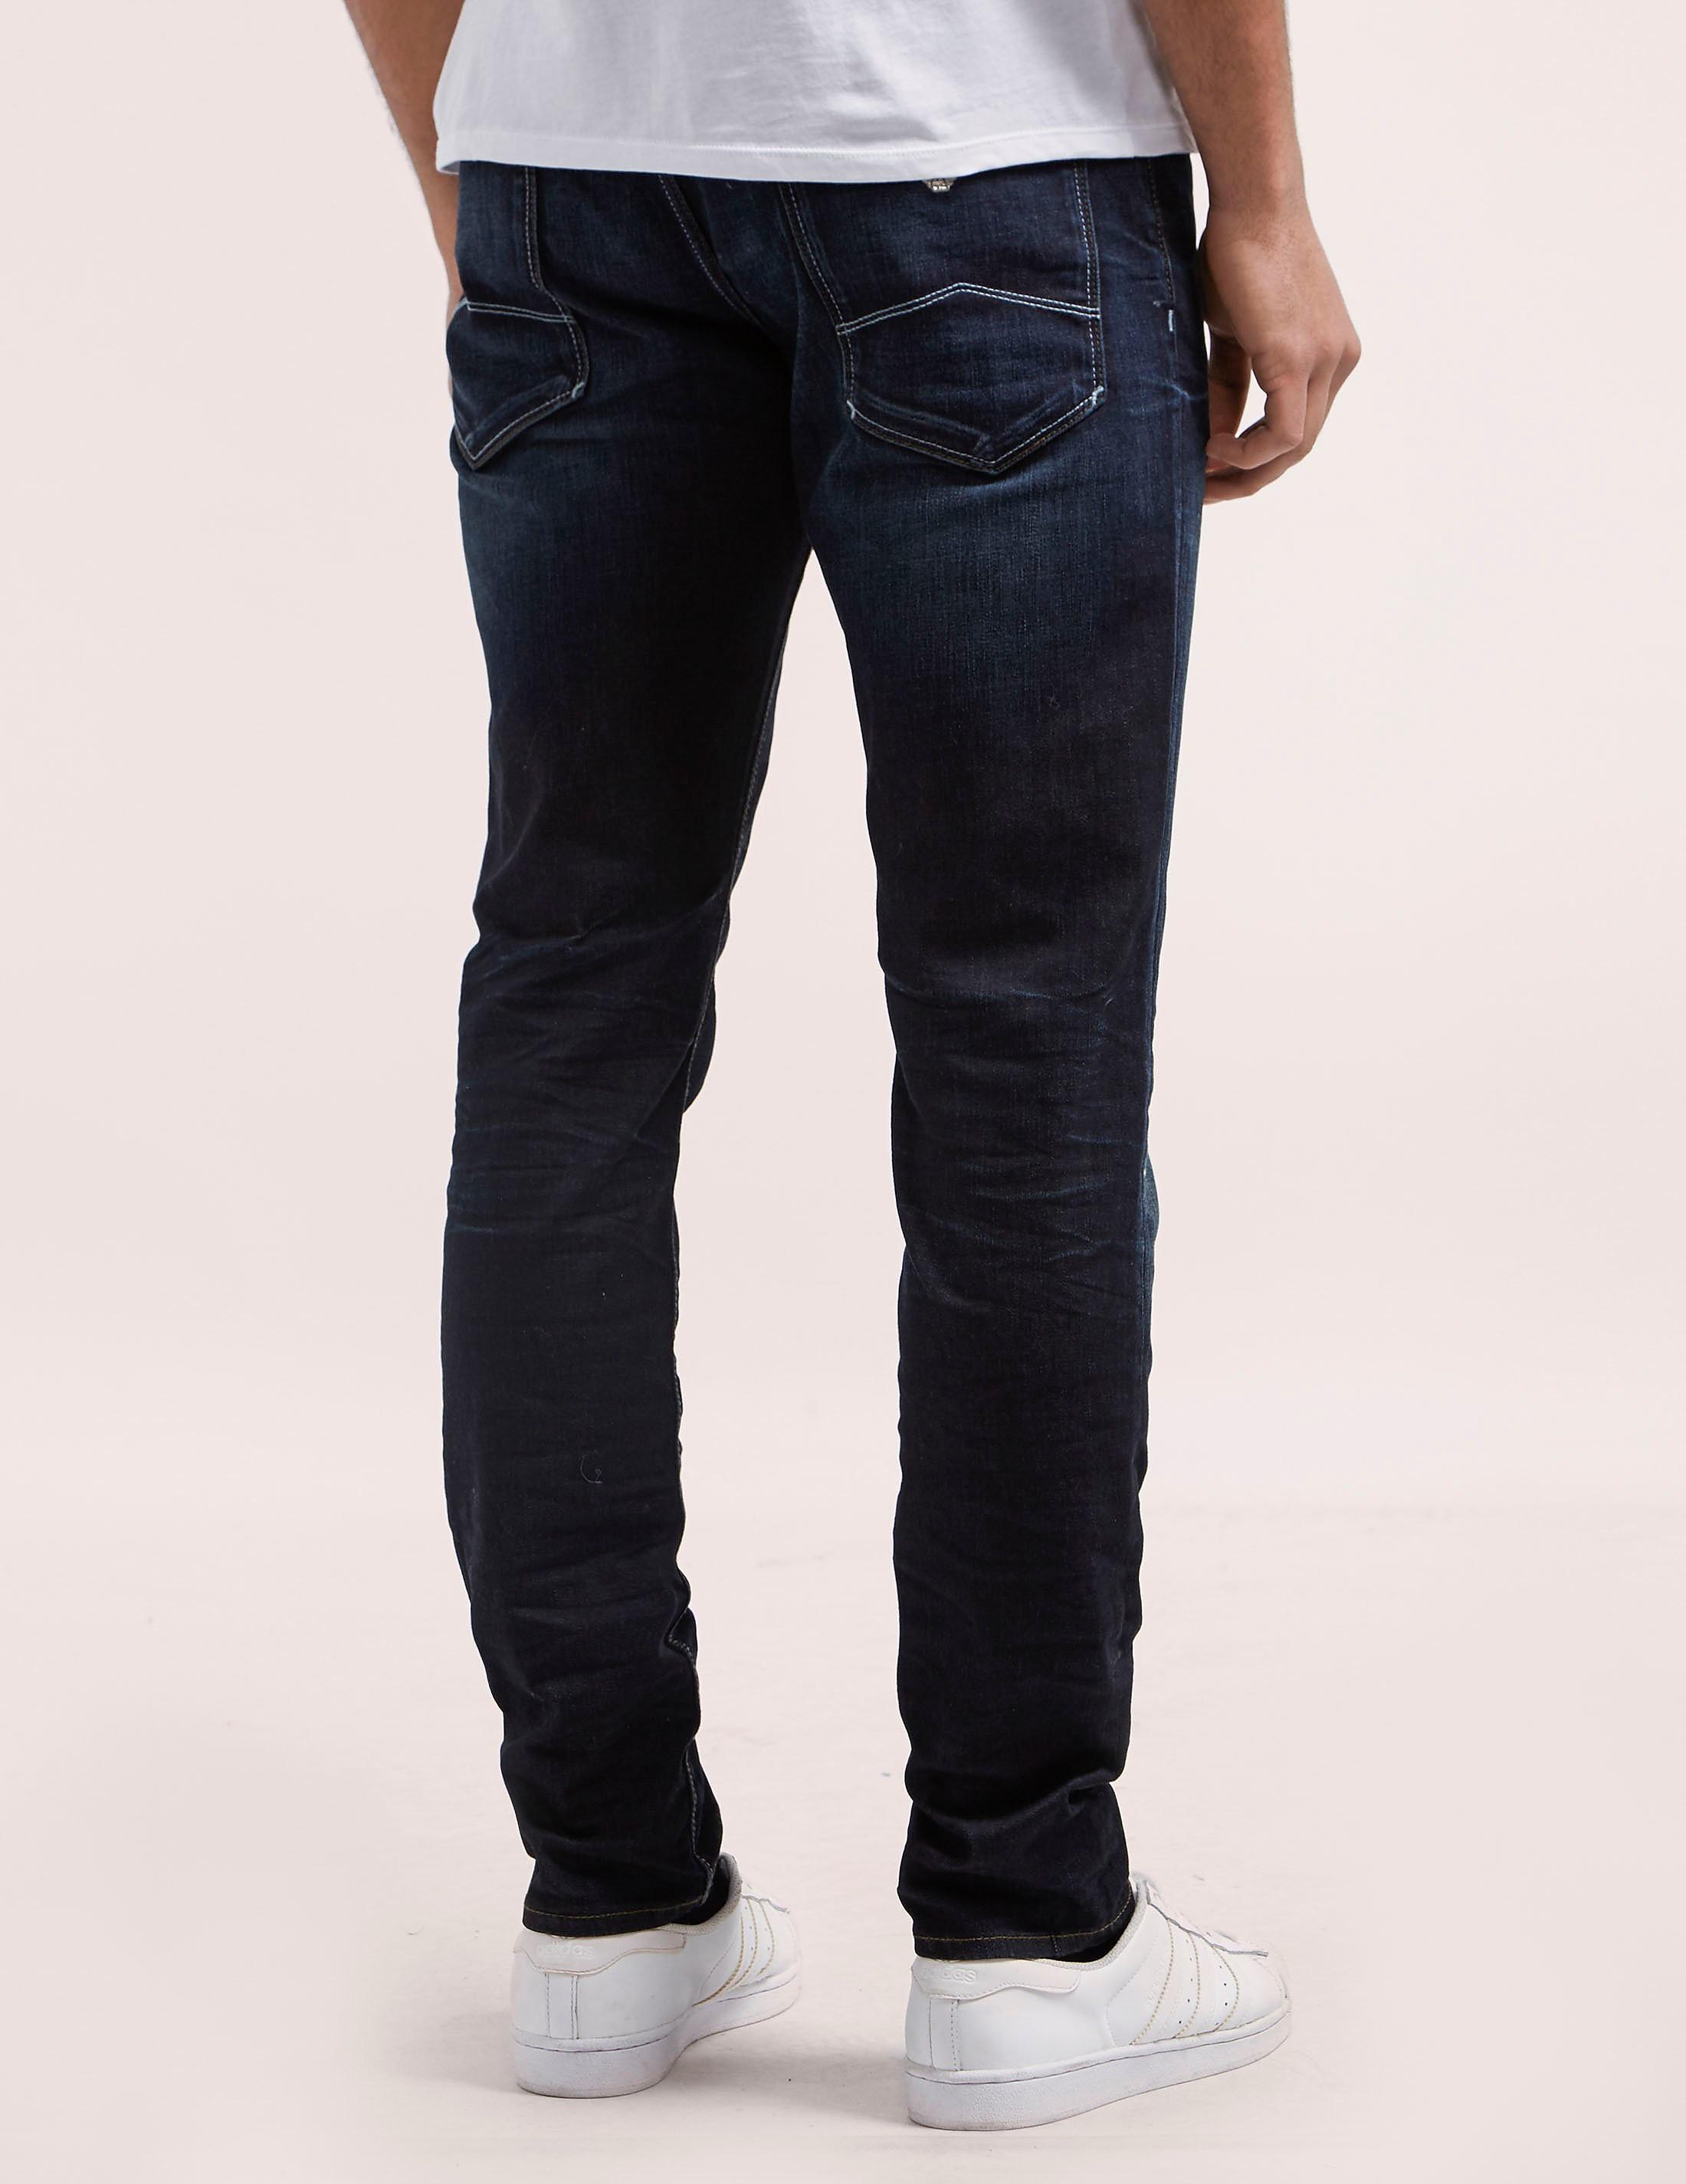 Armani Jeans J06 Regular Fit Jean